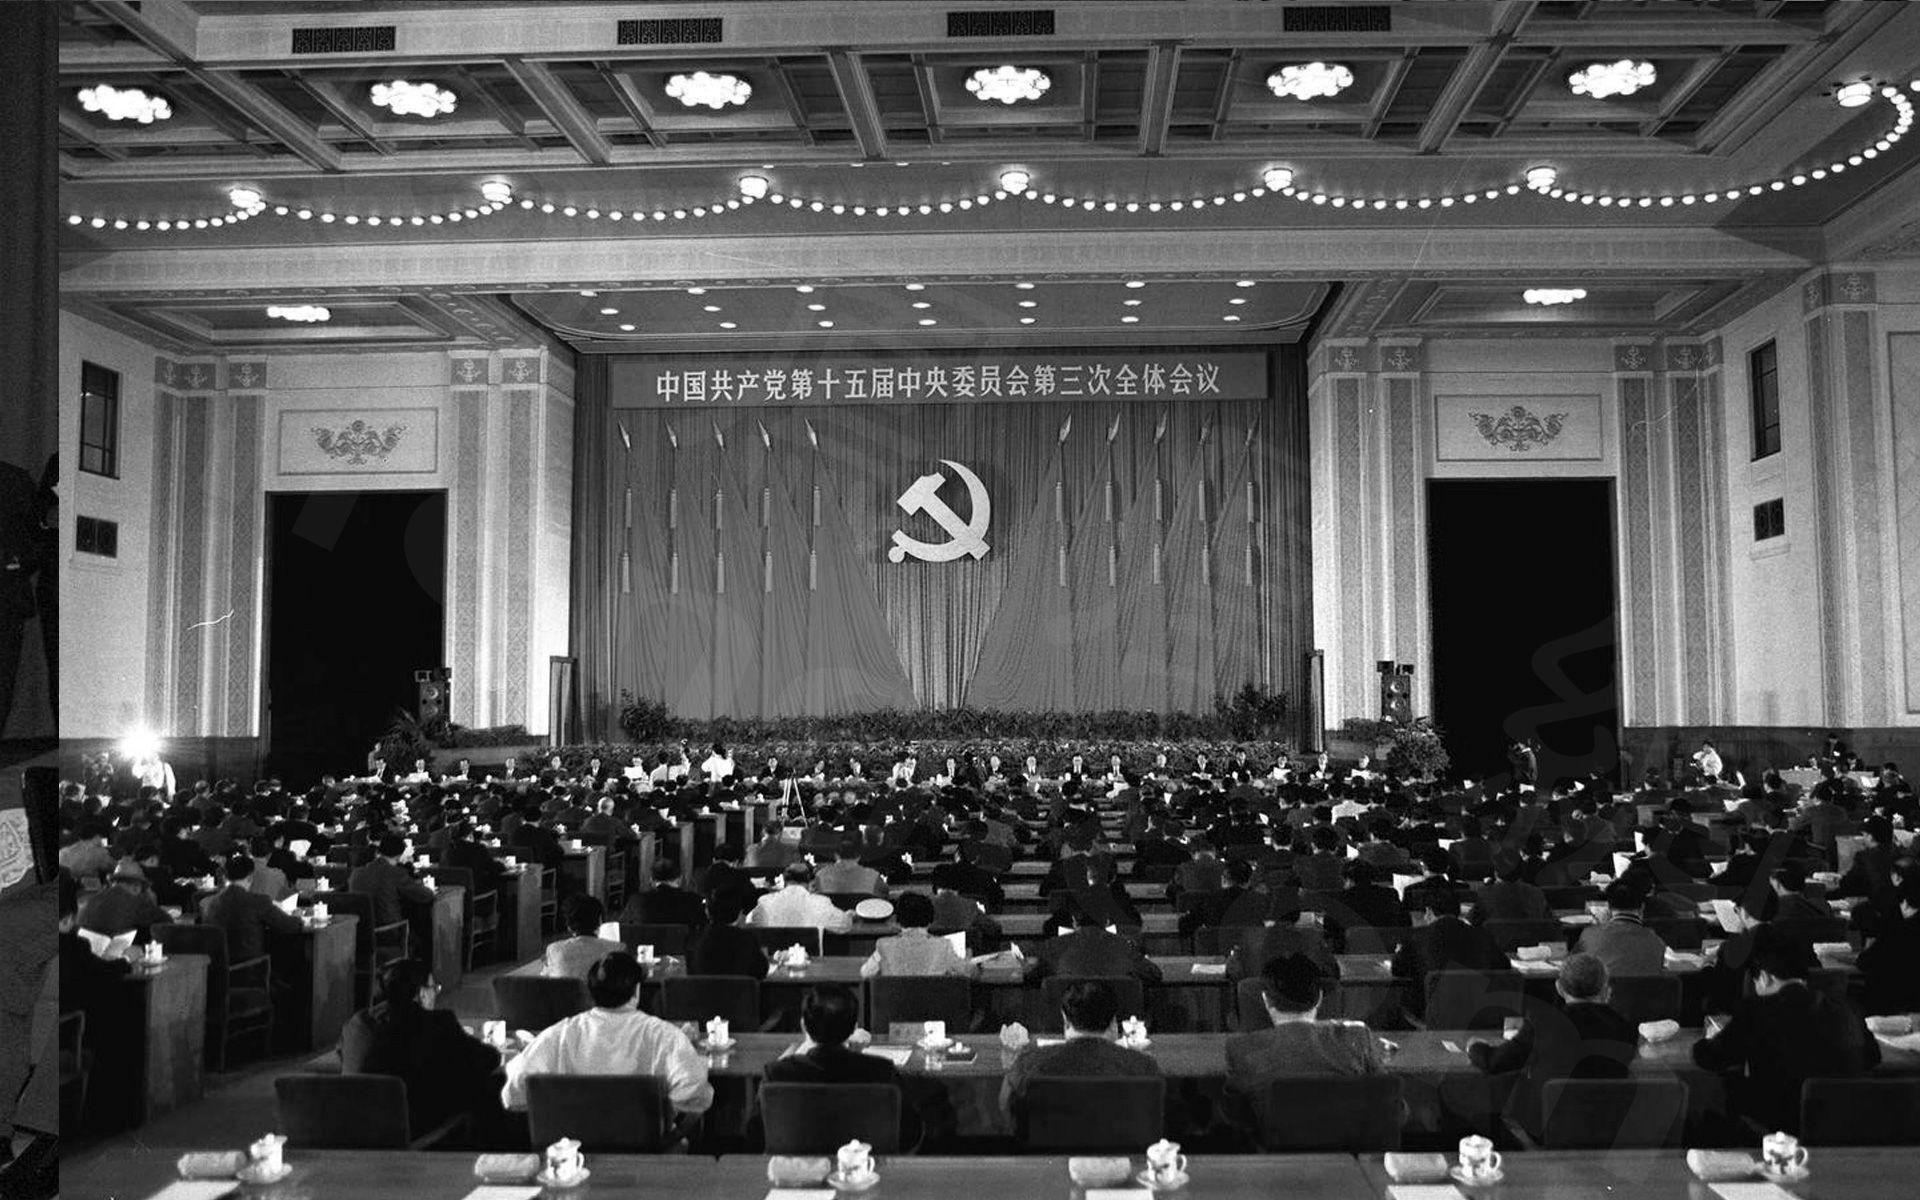 中央农村工作会议_图片回顾历届三中全会_资讯频道_凤凰网